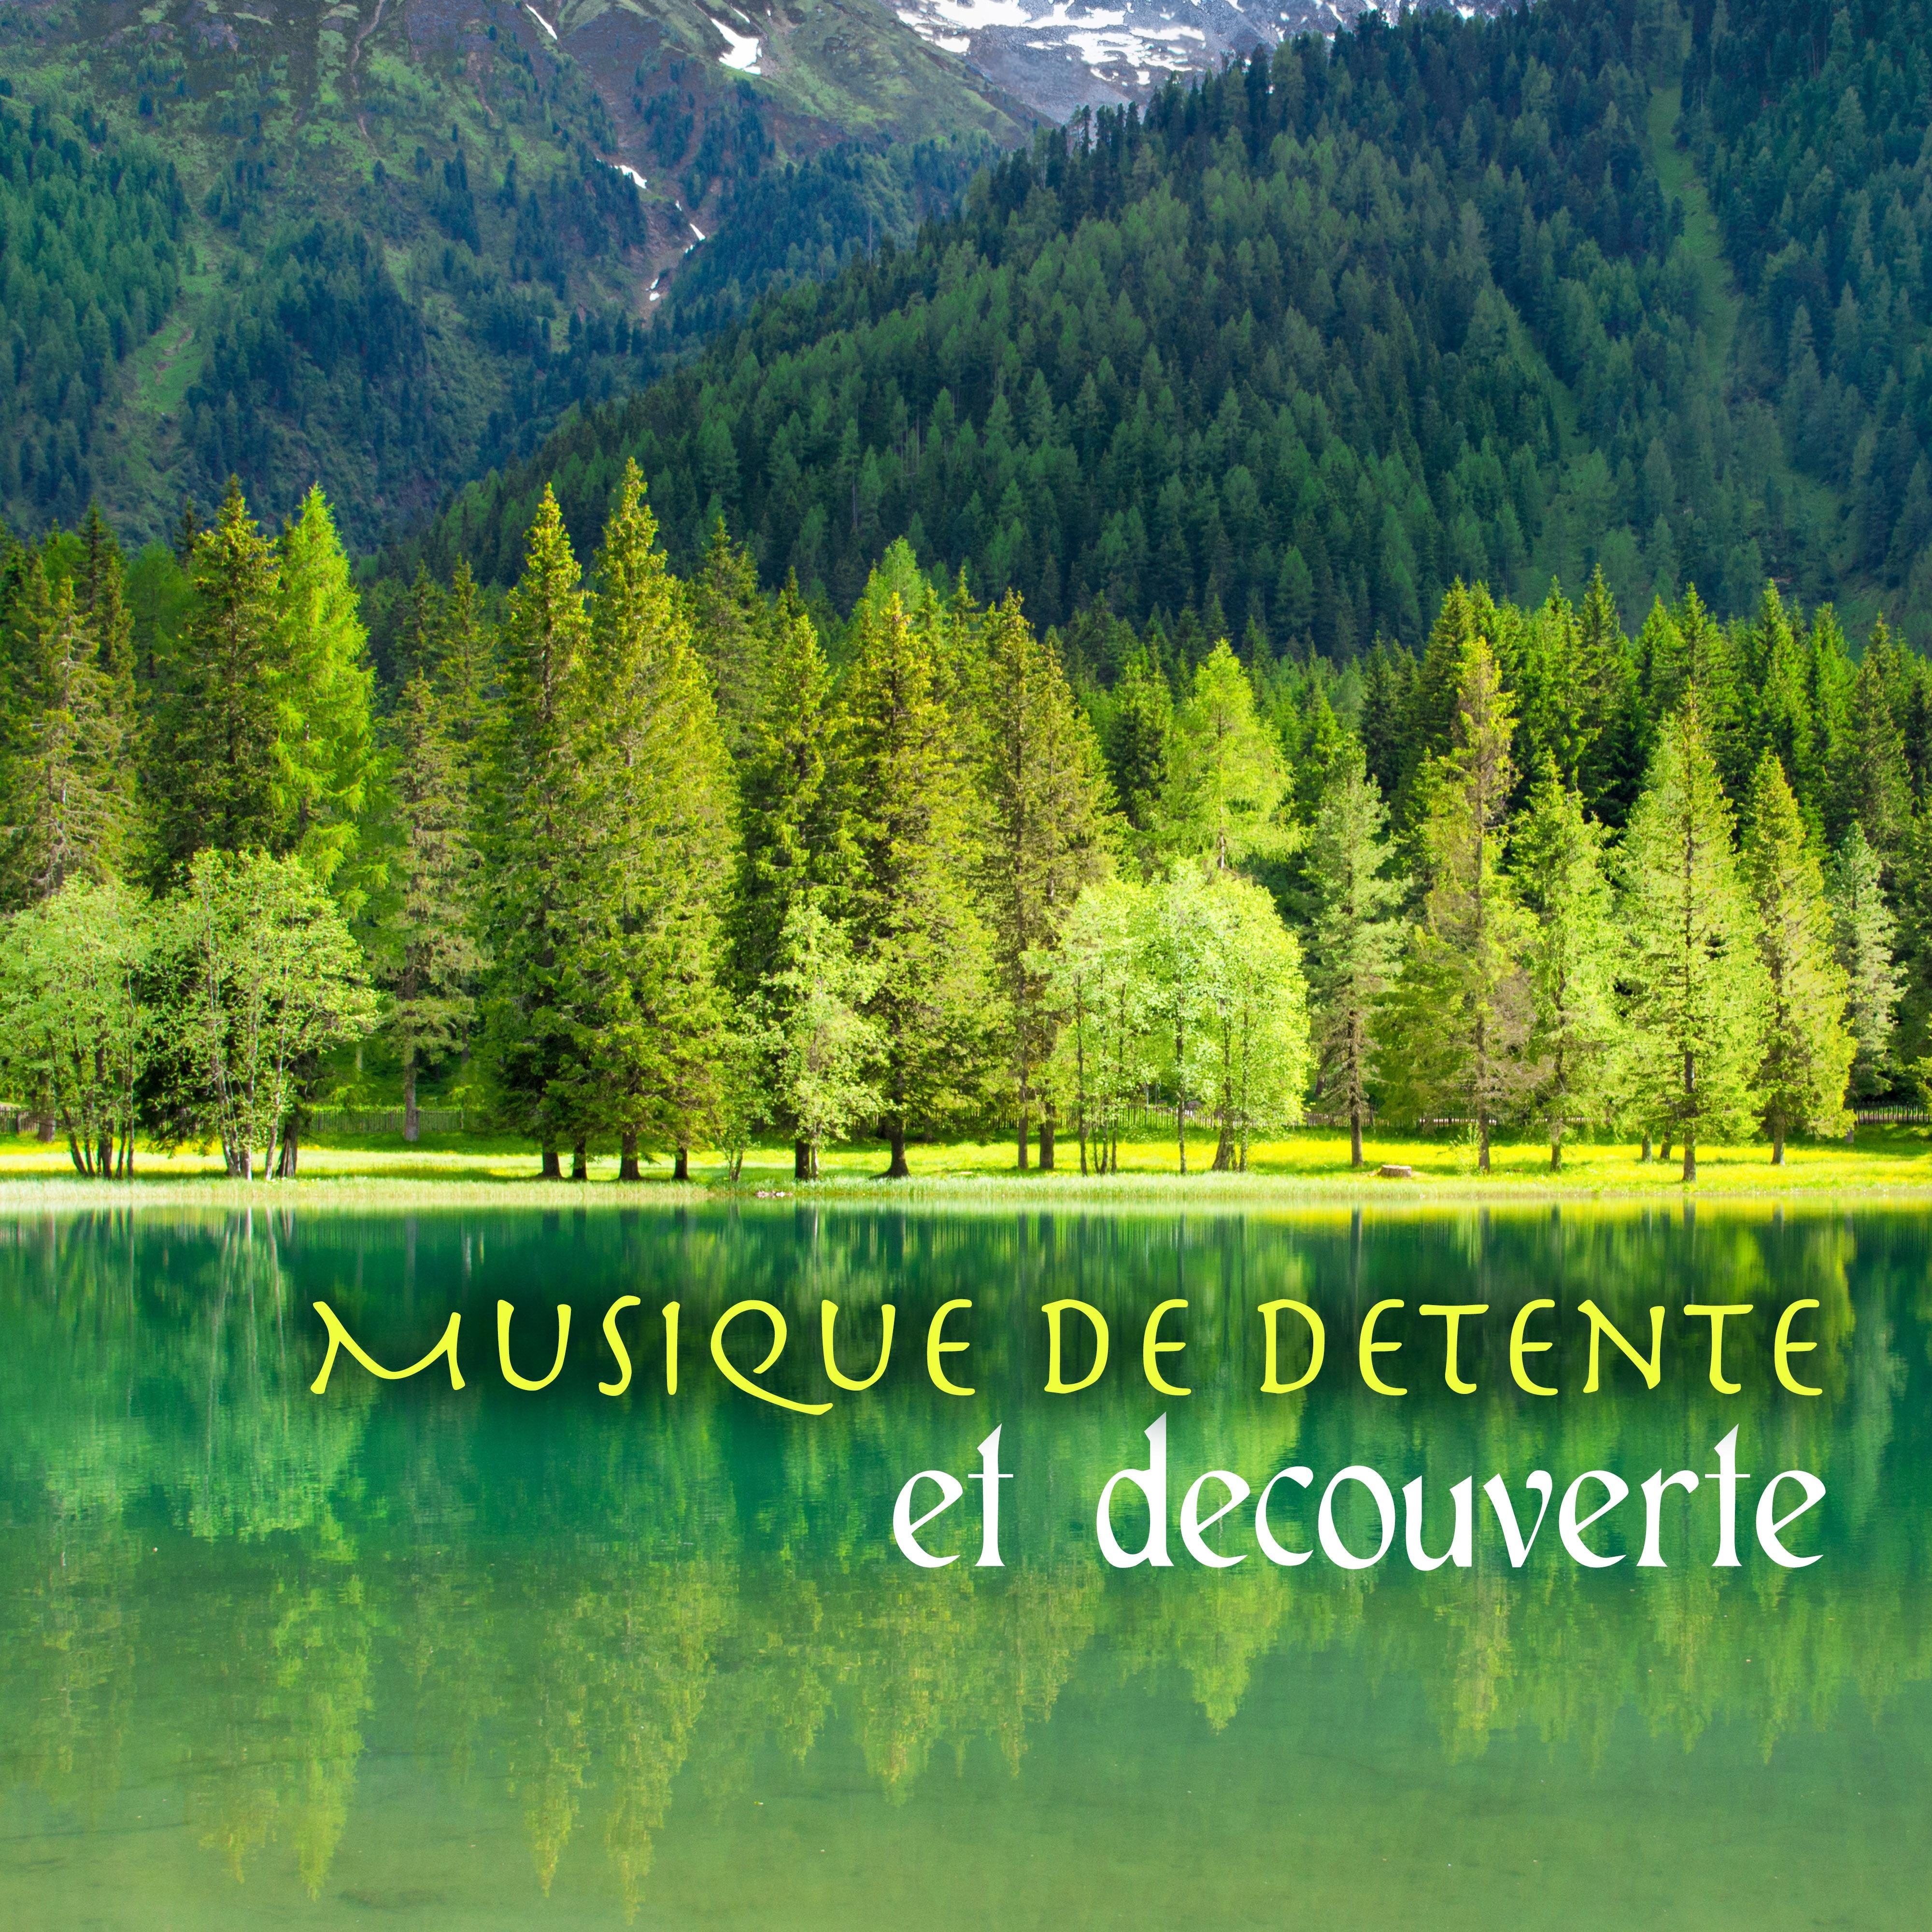 Musique de detente et decouverte - sons de la nature